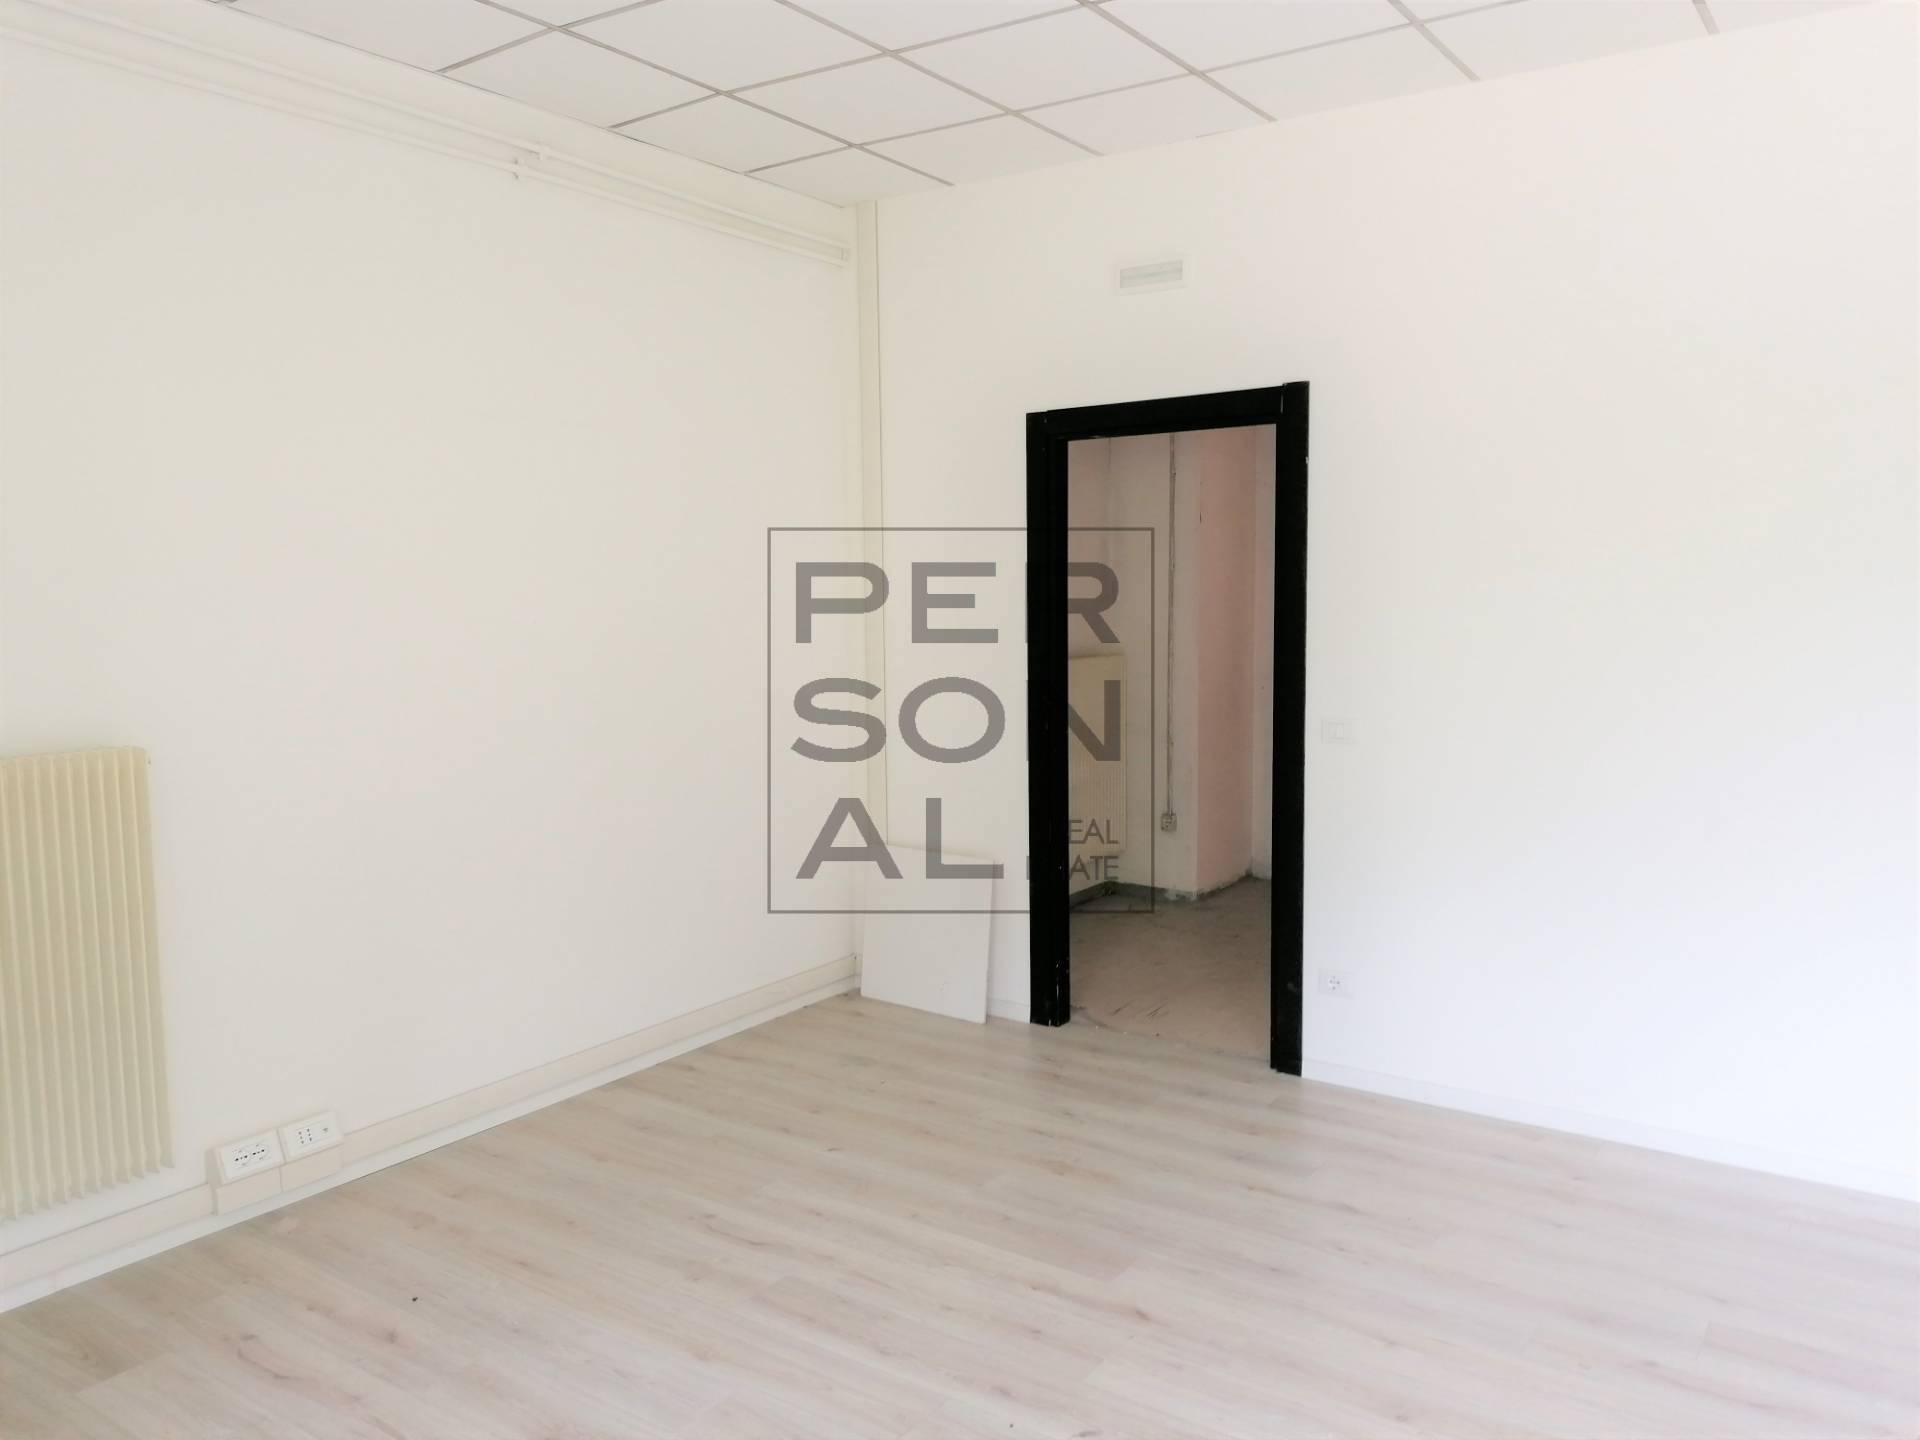 Foto magazzino/capannone in affitto a Trento (Trento)